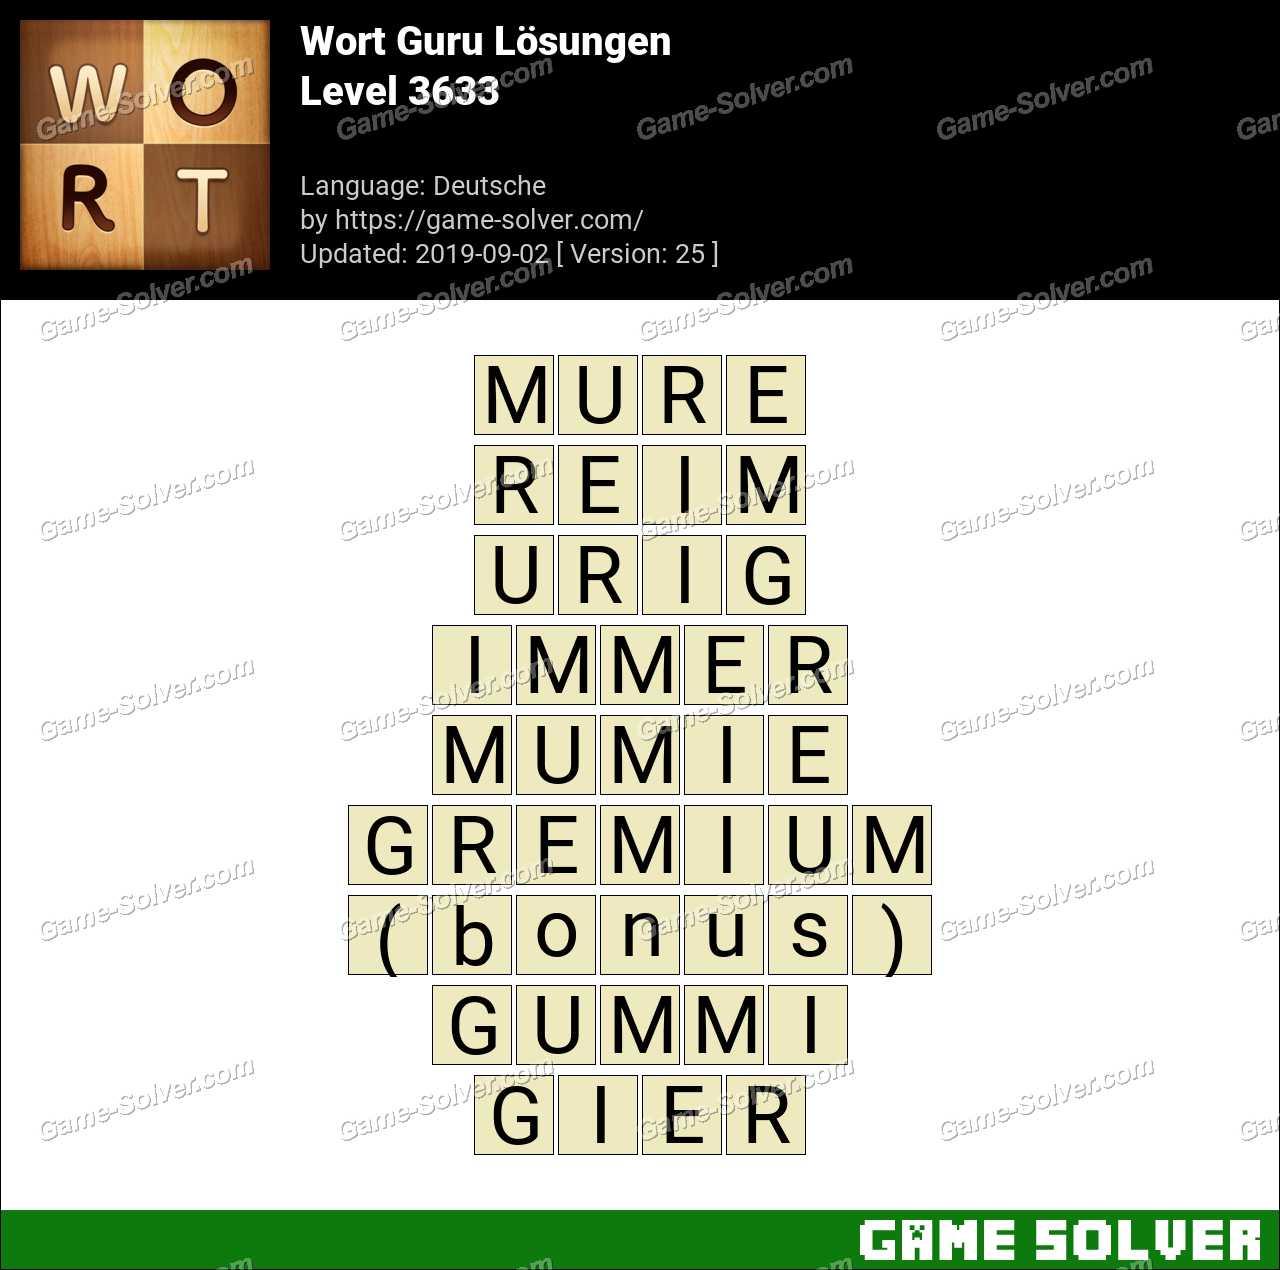 Wort Guru Level 3633 Lösungen